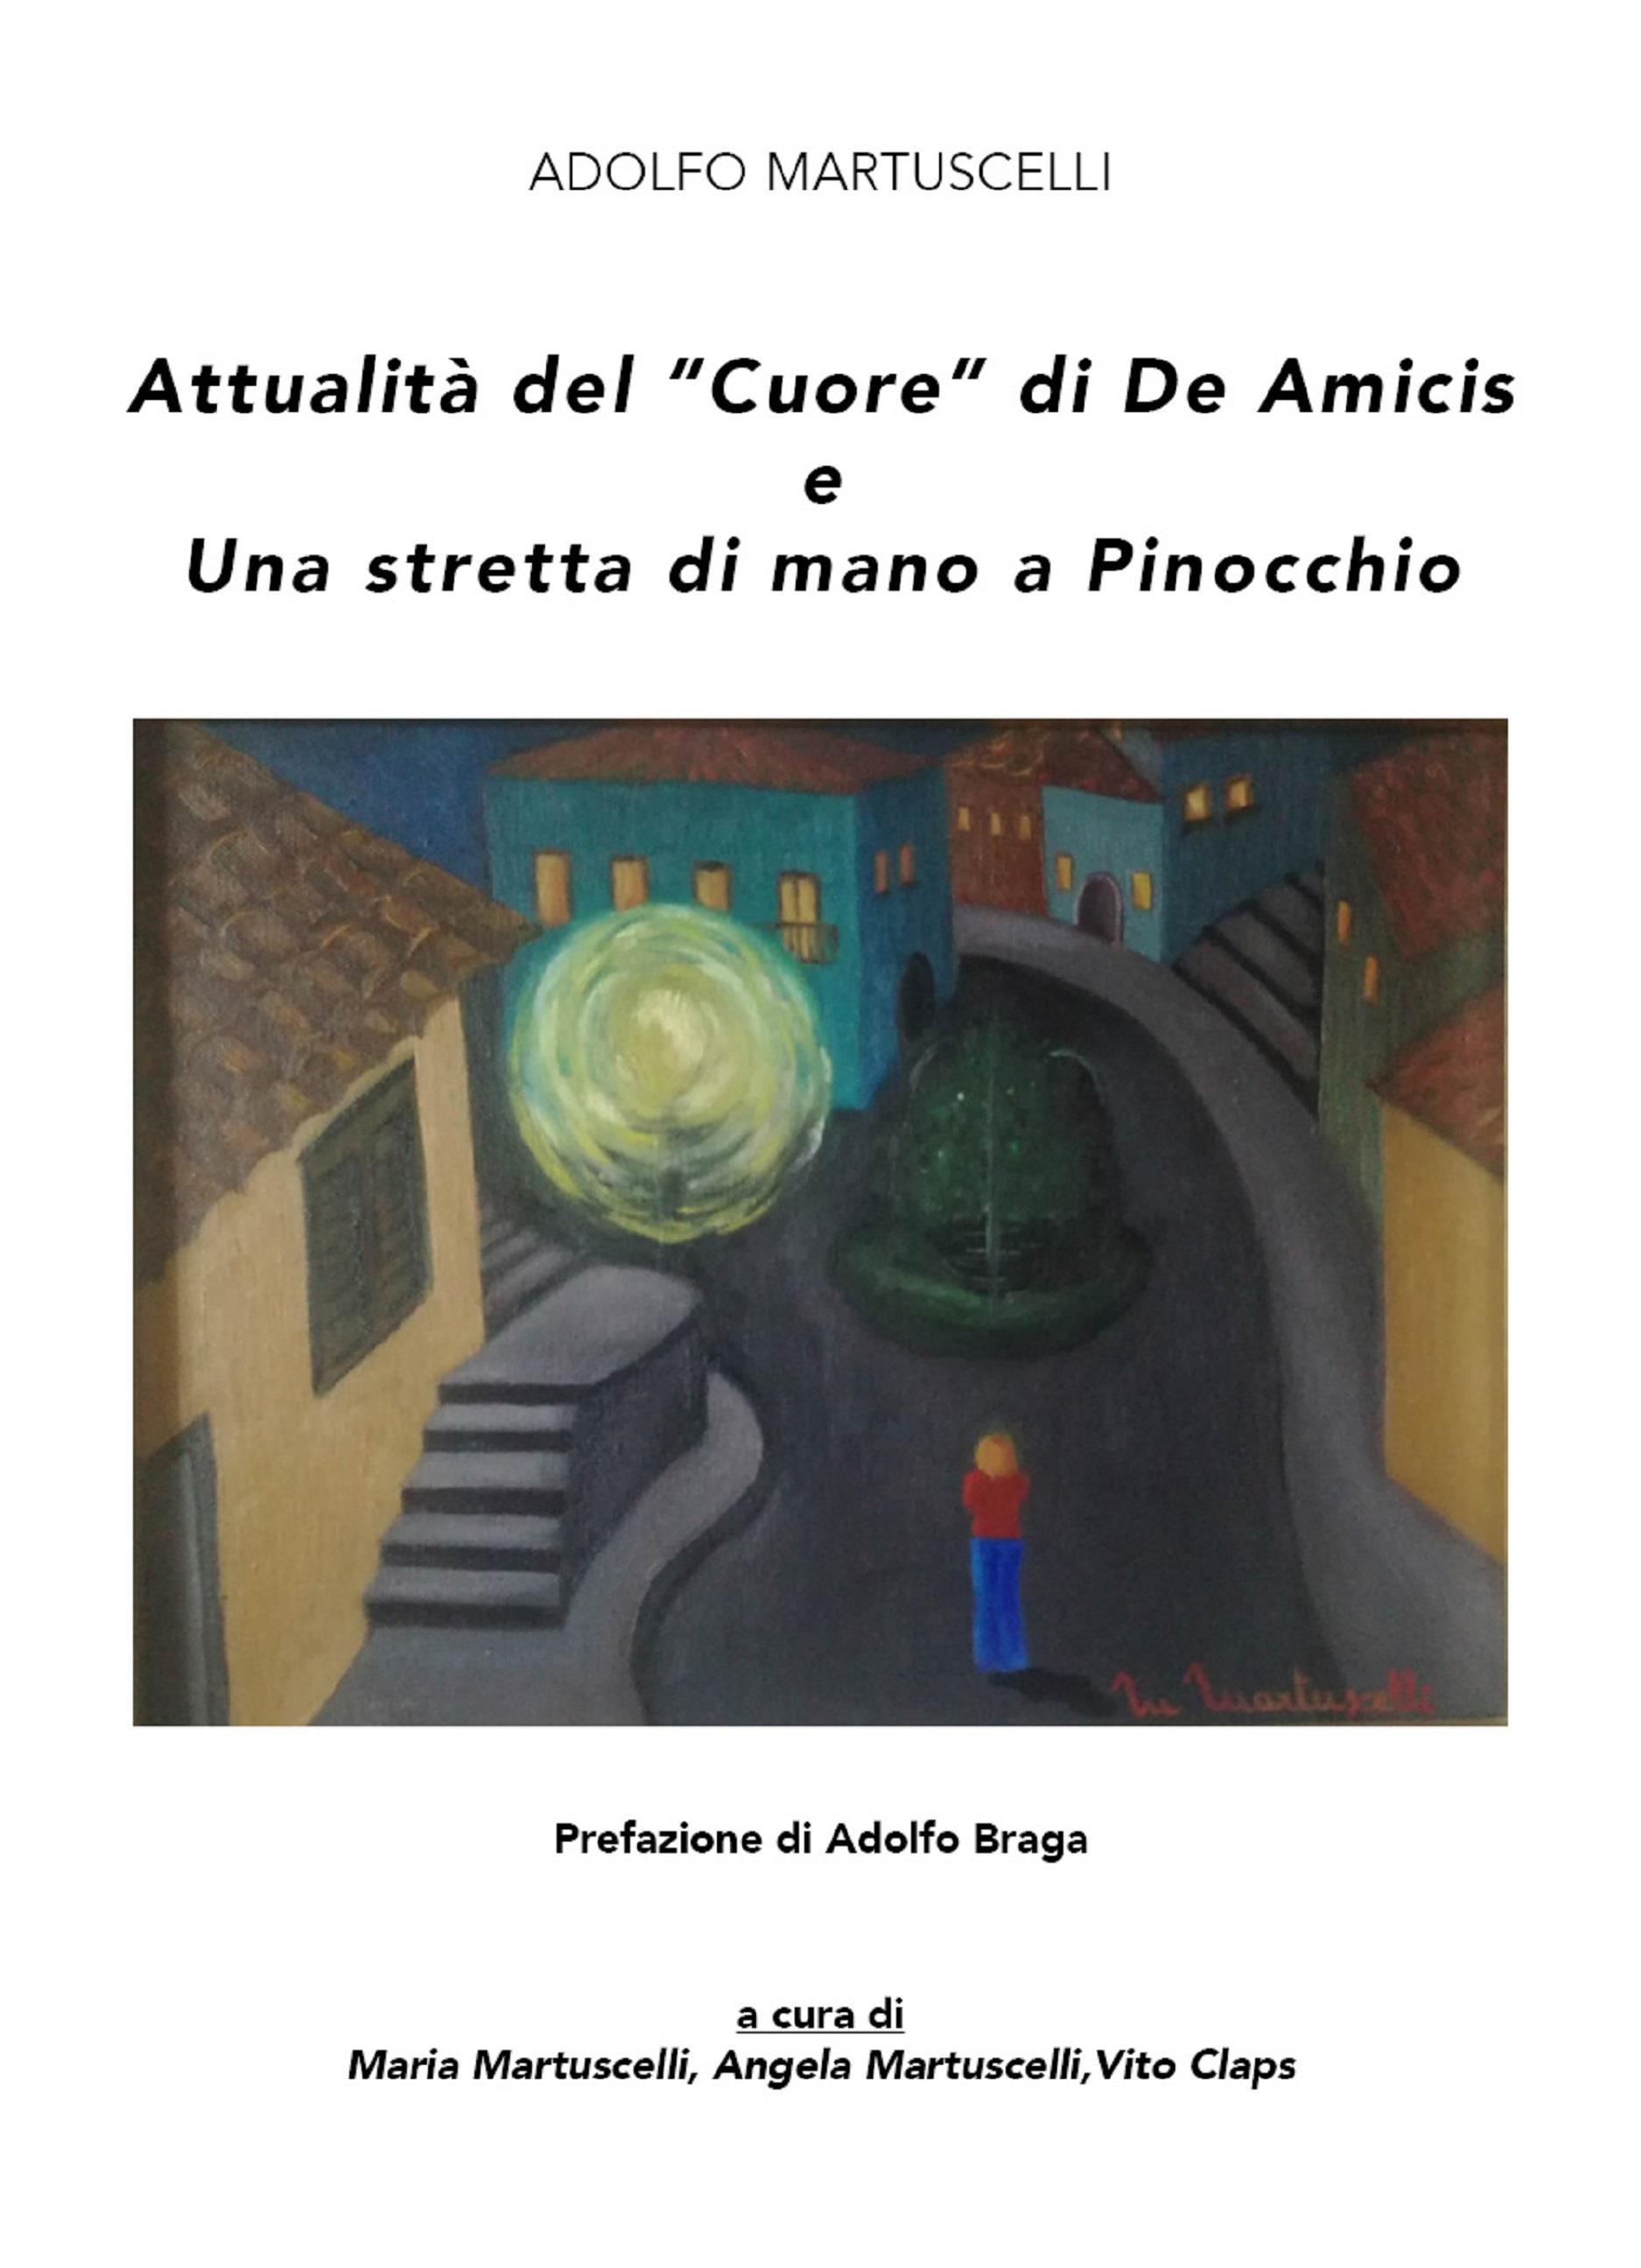 """Attualità del """"Cuore"""" di De Amicis e Una stretta di mano a Pinocchio"""